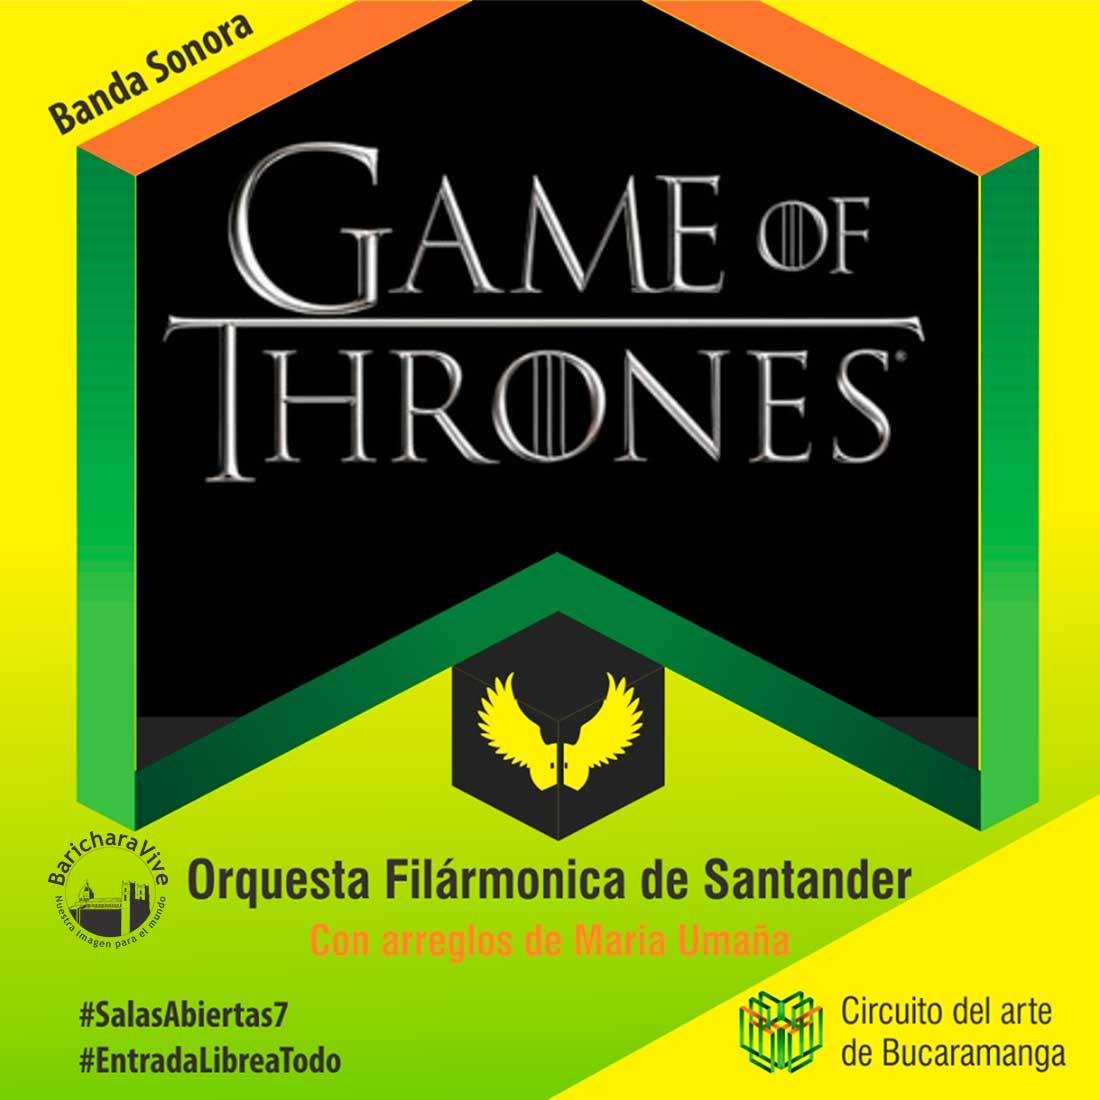 orquesta-filarmonica-de-santander-7a-edicion-el-centro-con-las-salas-abiertas-bucaramanga-2017